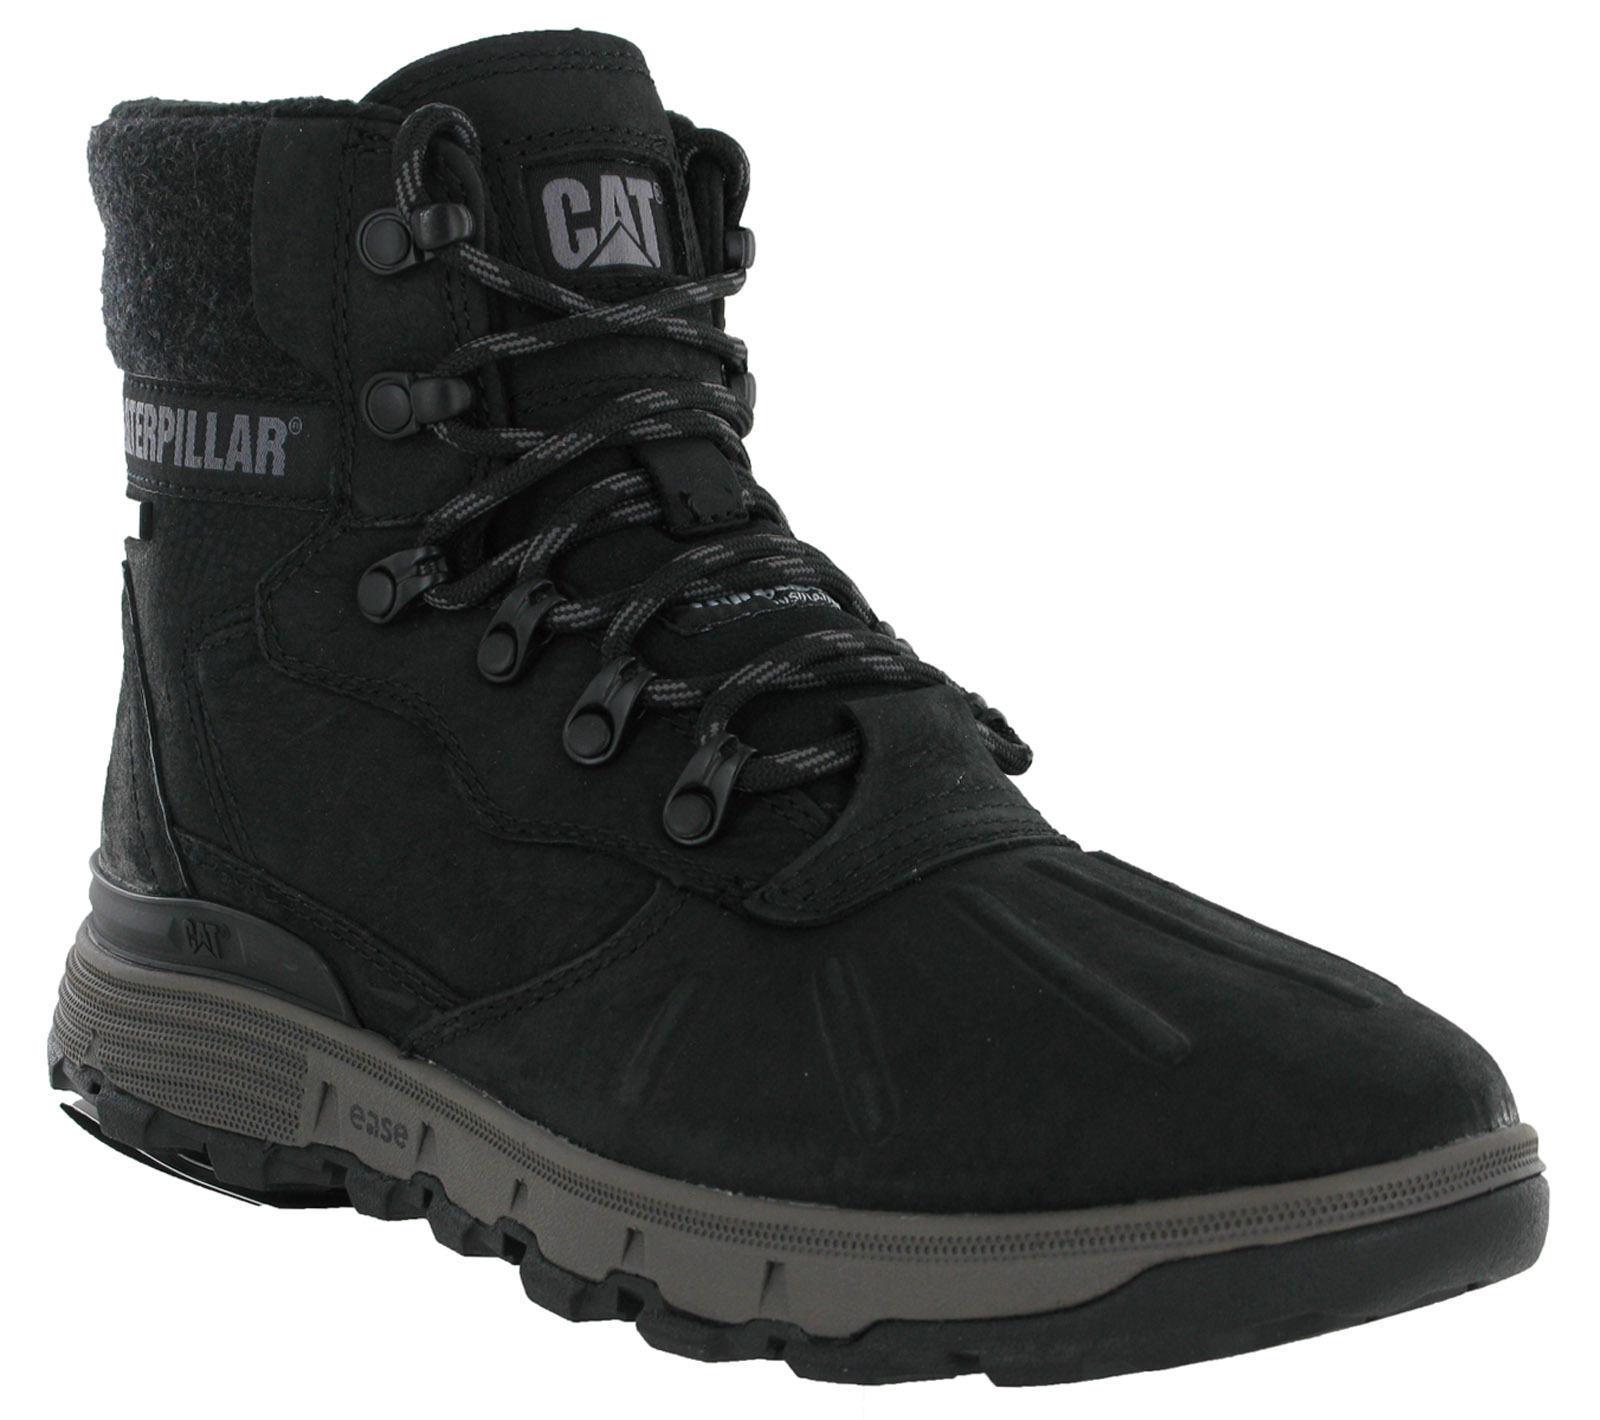 CAT Caterpillar Stiction Ankle Hi Ice Waterproof Snow Ankle Stiction Leather Hombre Grip botas 24ea36